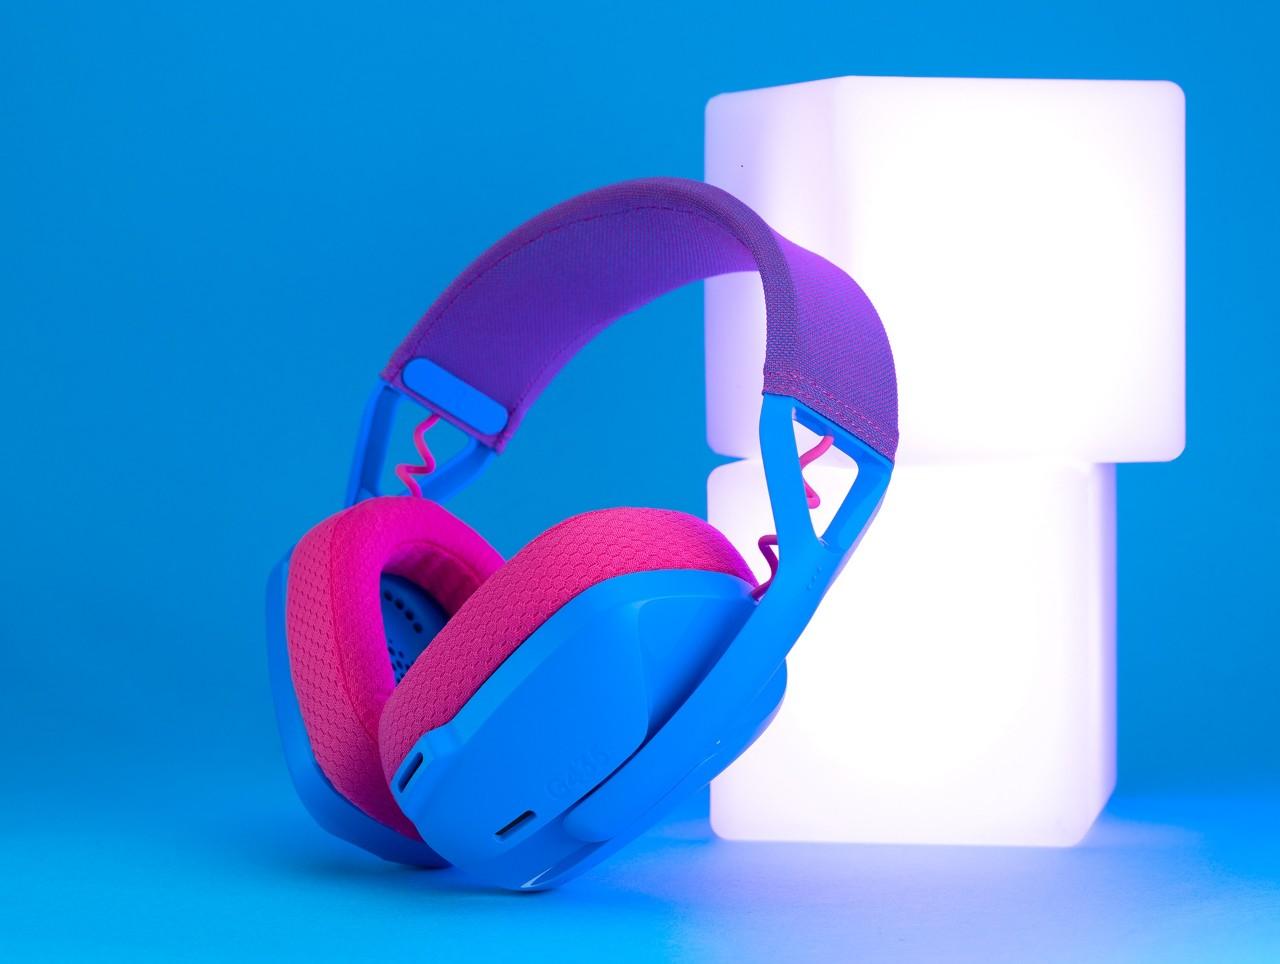 圖說03:G435的潮感外型讓耳機不只是一項設備,更是一種穿搭配件與時尚態度